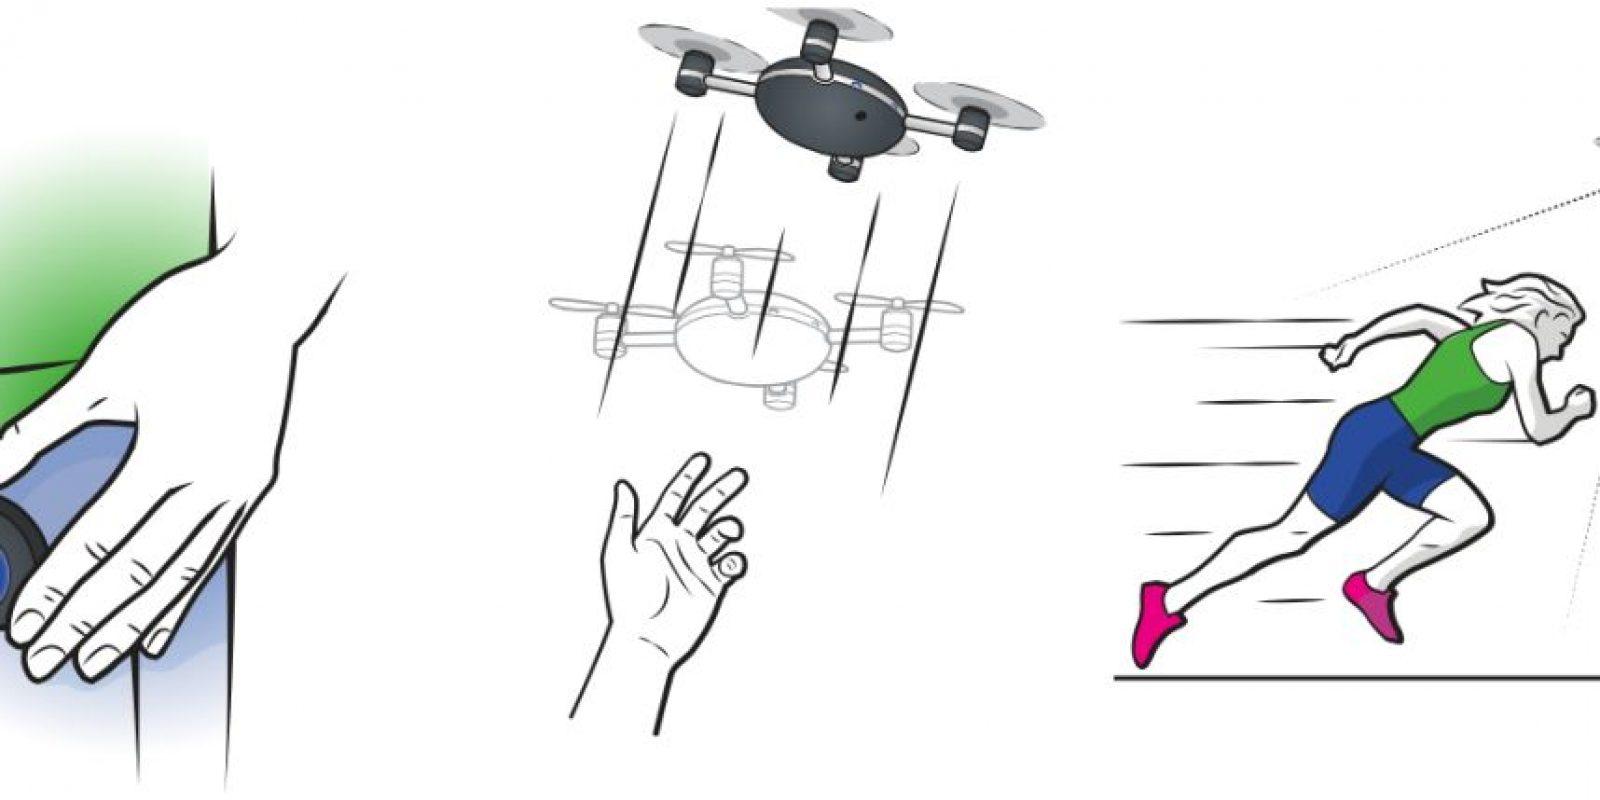 Estos son los tres sencillos pasos para que el dron funcione Foto:lily.camera